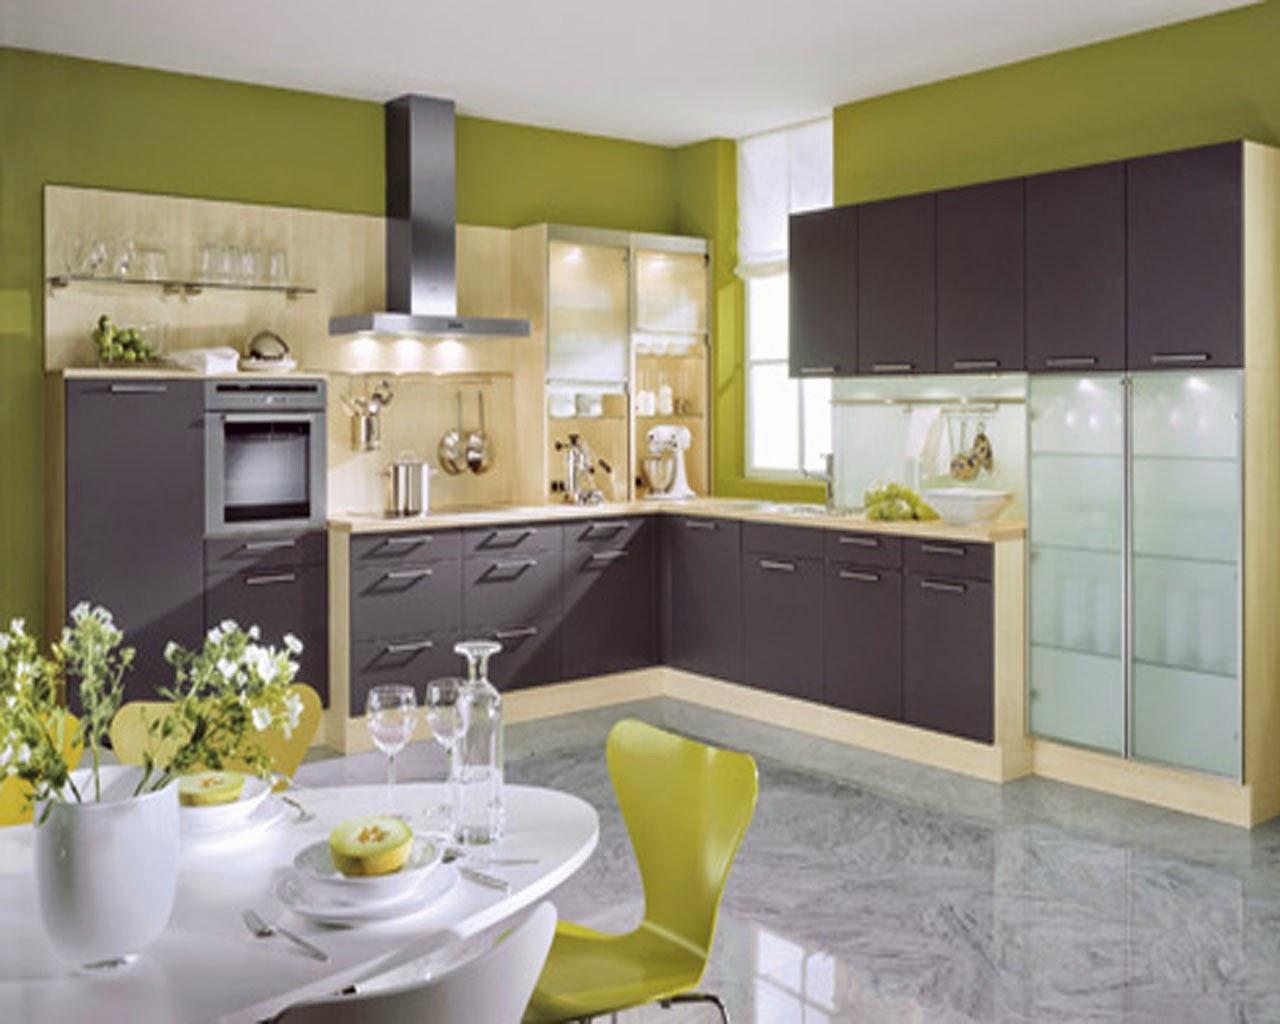 kitchen design ideas 2014 cushioned mats designing freshnist